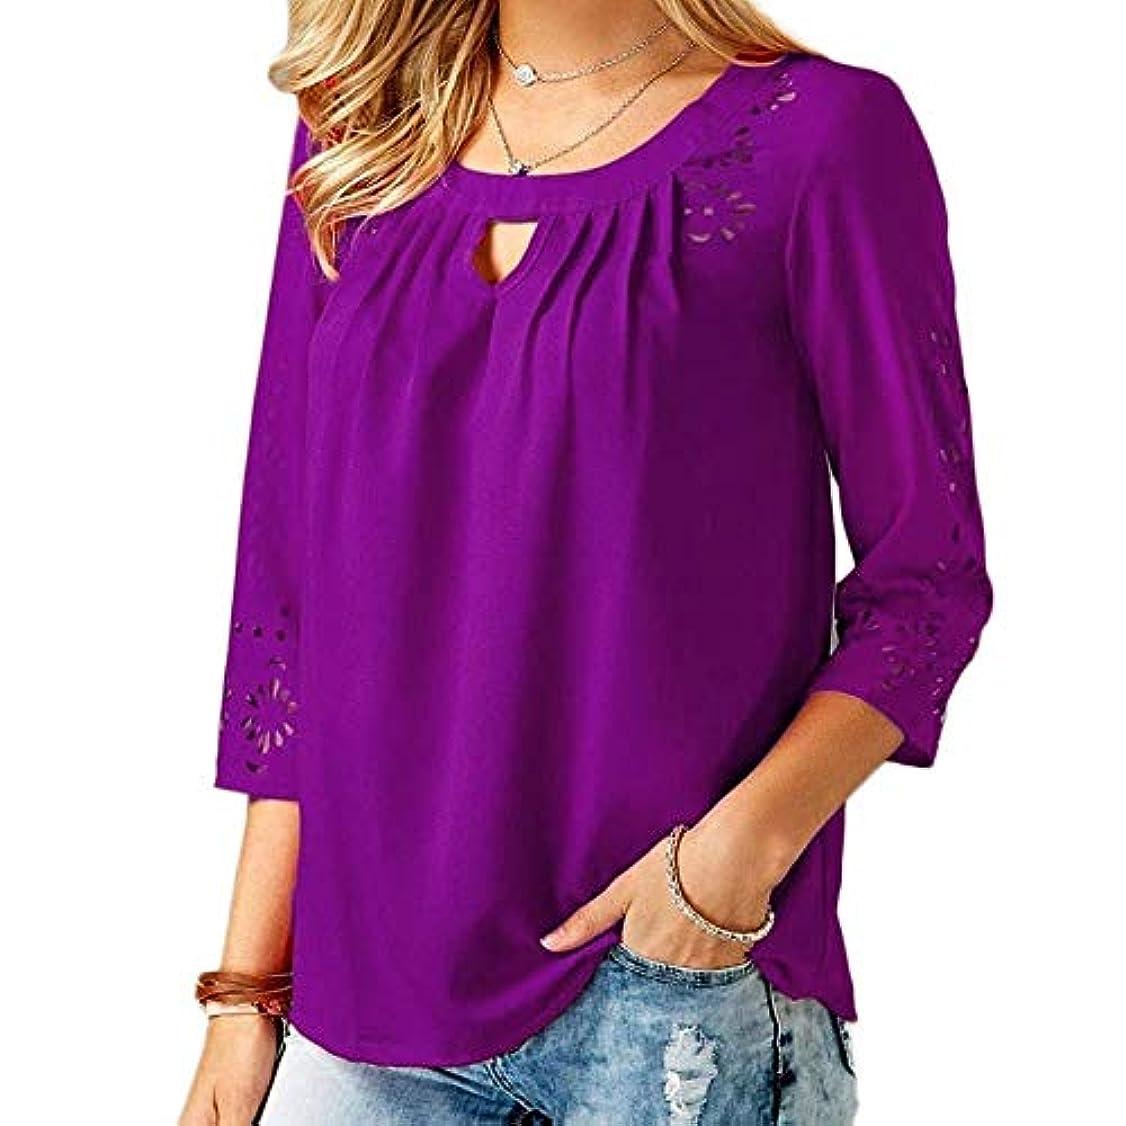 チャーターアクセント霧MIFAN ゆったりTシャツ、シフォンシャツ、カジュアルシャツ、女性トップ、プラスサイズトップ